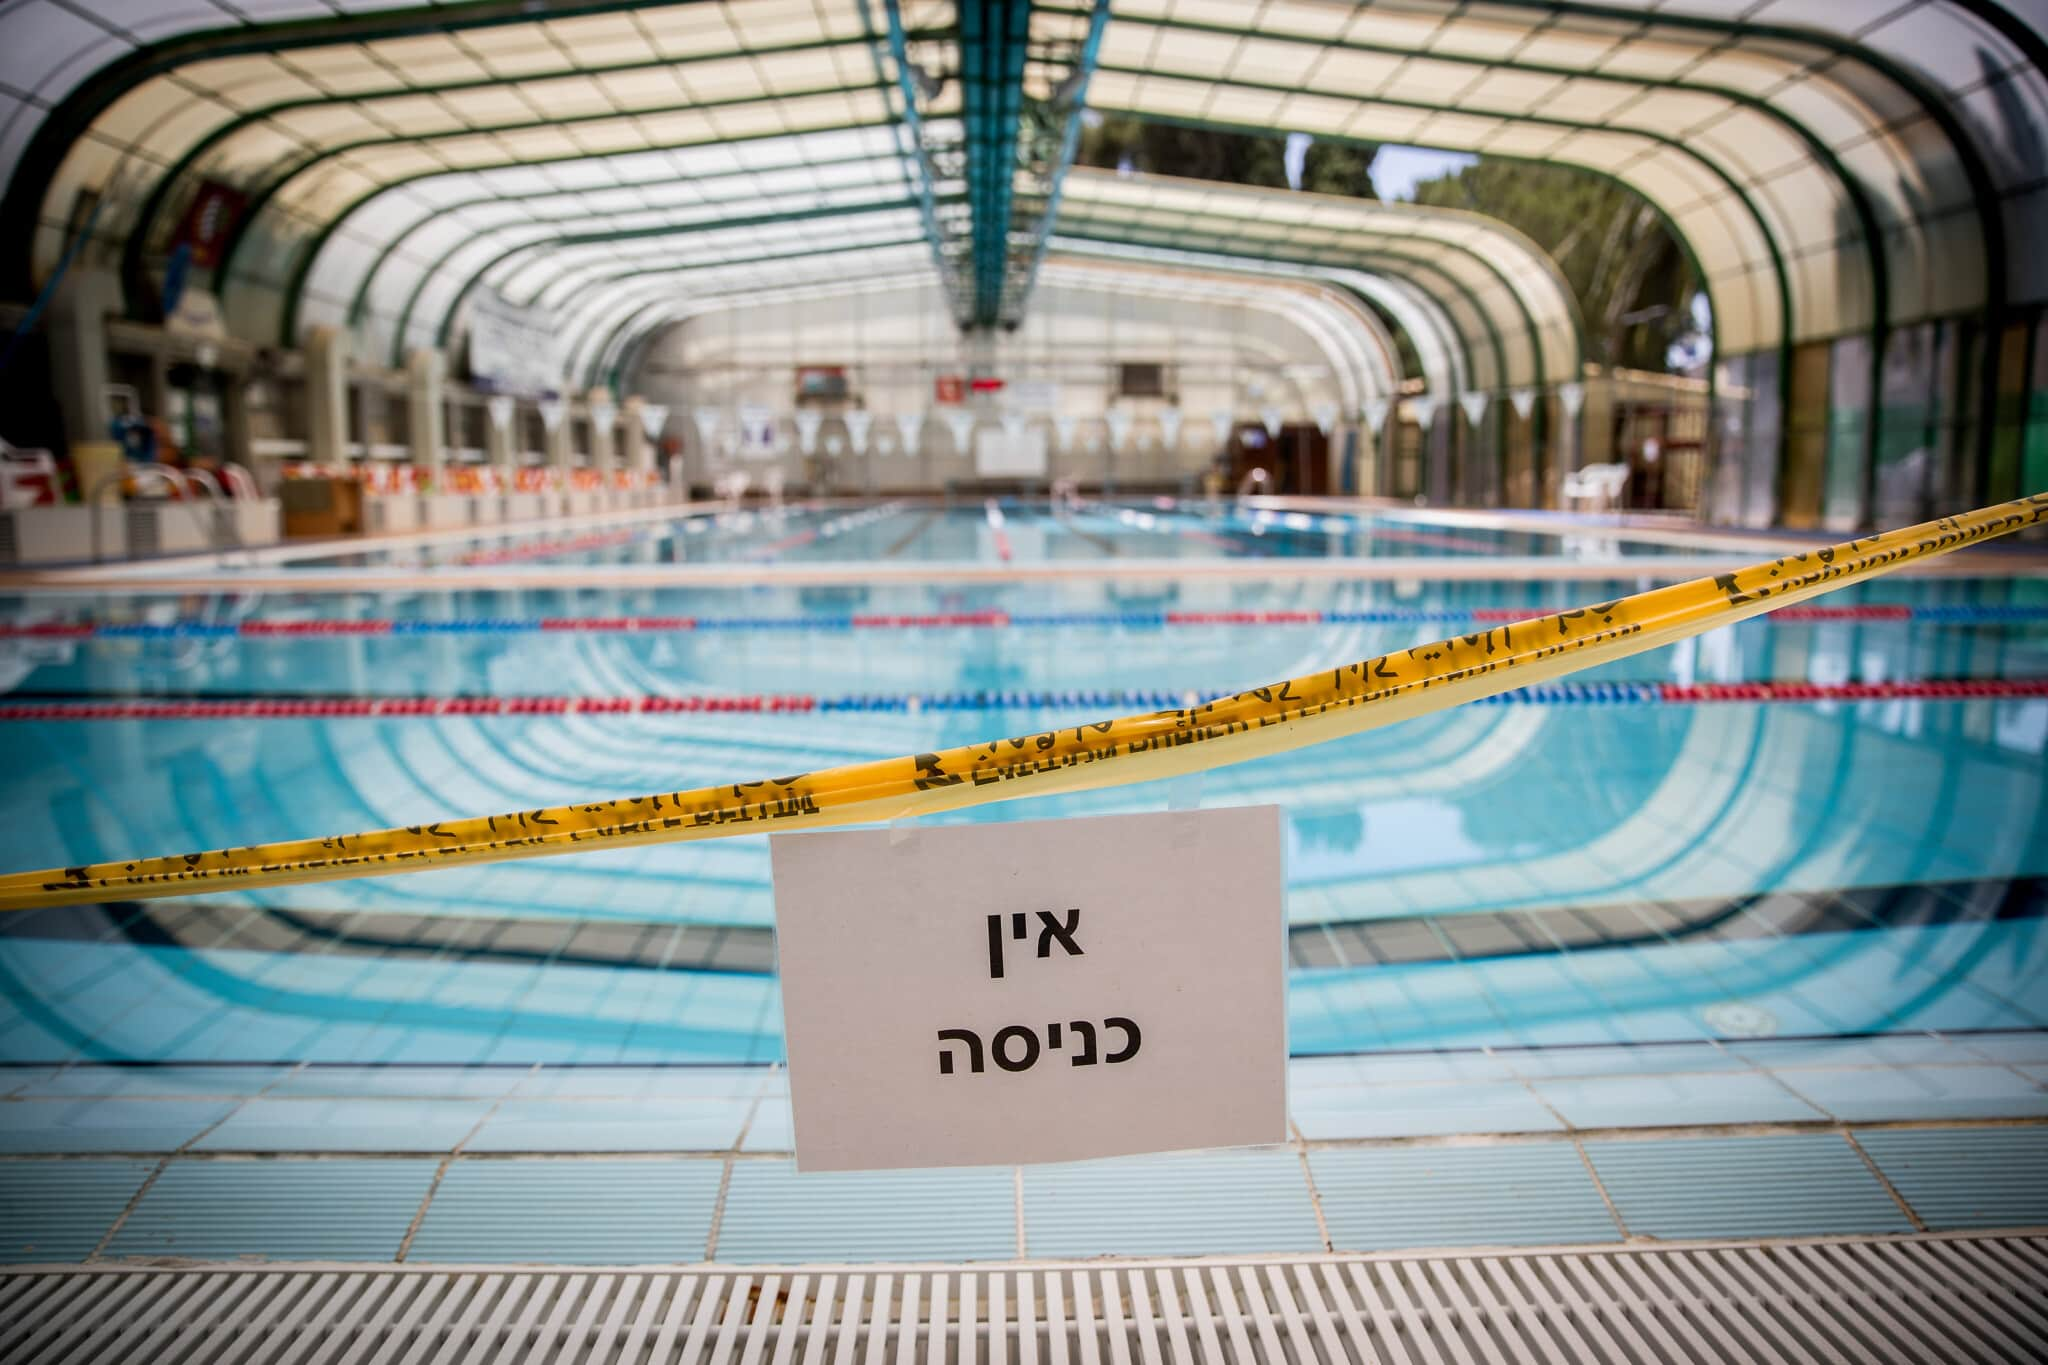 בריכת שחייה סגורה בירושלים, יולי 2020 (צילום: Sindel/Flash90)